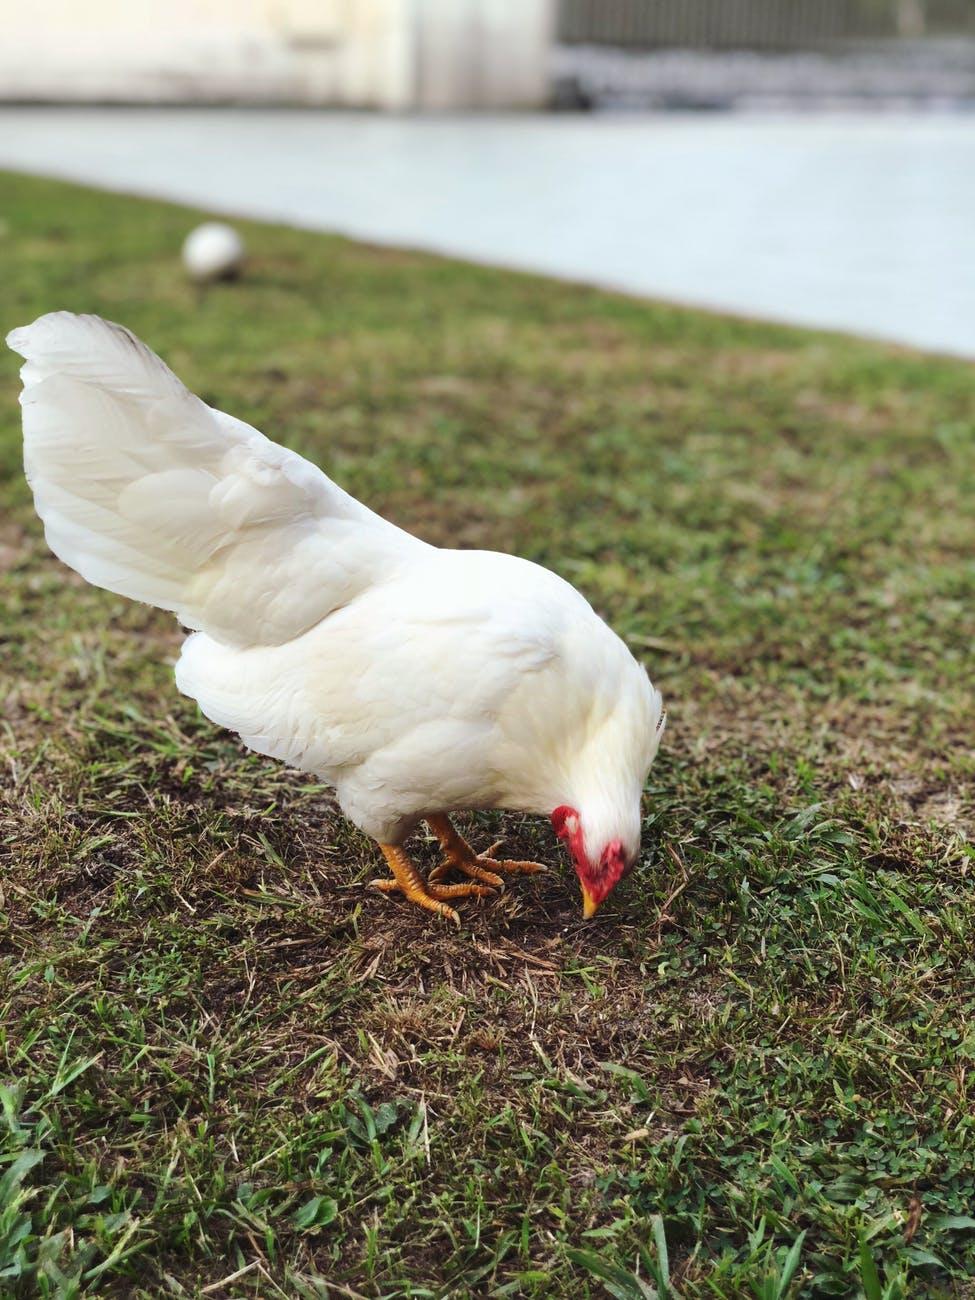 photo of chicken on grass